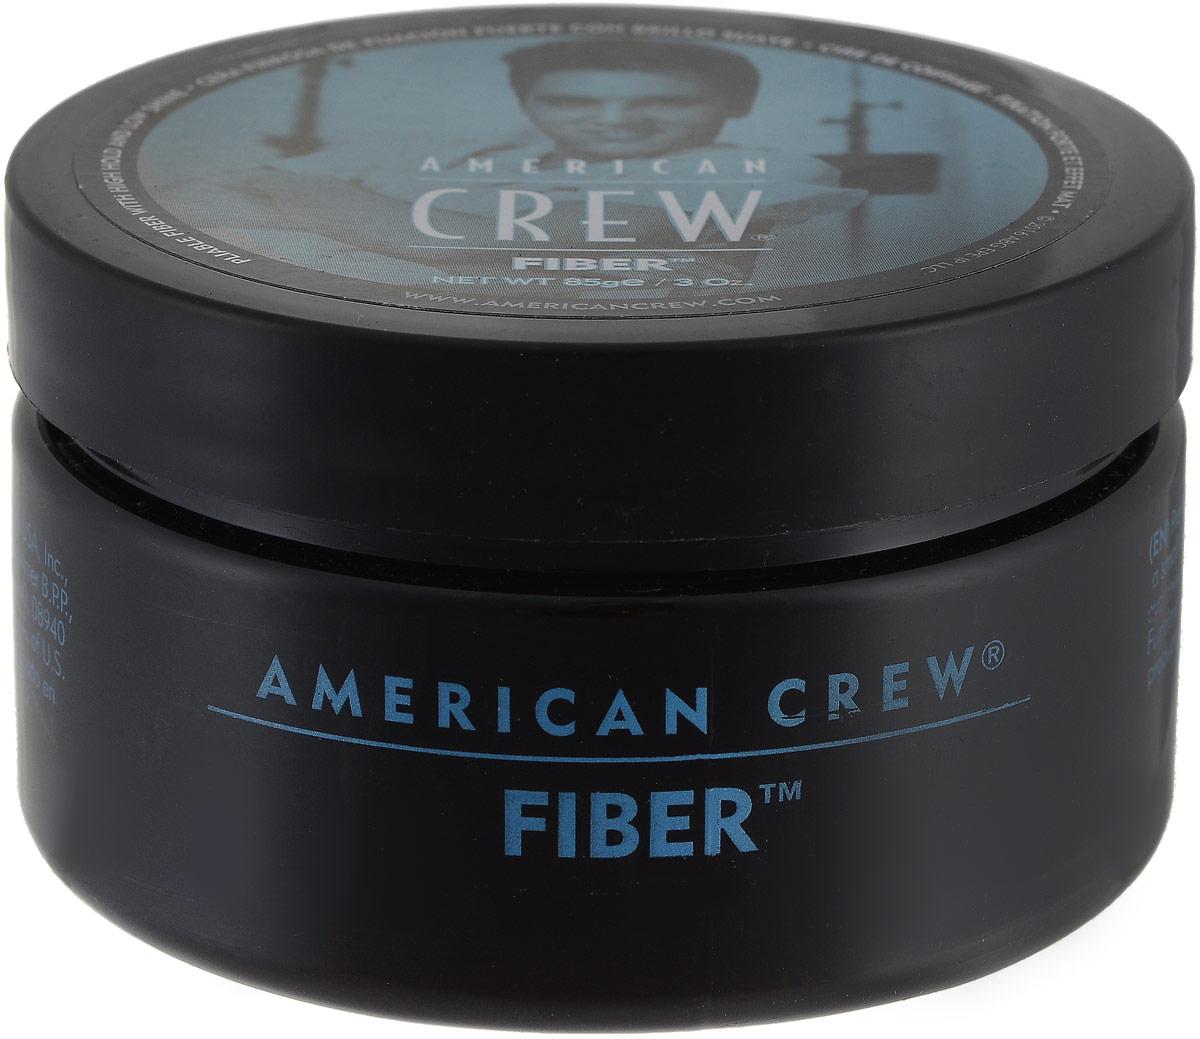 American Crew Паста высокой фиксации с низким уровнем блеска Fiber Gel 85 г7209382000American Crew& Fiber Gel паста высокой фиксации с низким уровнем блеска это великолепное средство для стайлинга, которое помогает эффектно увеличить объём волос, уплотнить волосы и придать им текстуру. Гель Американ Крю содержит в составе такие основные ингредиенты, как пчелиный воск (который сохраняет в волосах необходимое количество влаги и предотвращает появление сухости волос), цетил пальмитат (разглаживающее и смягчающее средство), ланолин (средство для необходимого увлажнения волос) и цетеарет-20 (средство для получения эффекта кондиционирования). Продукт отлично подходит также для волос короткой длины (от 3 до 8 сантиметров), имеет удобную для применения волокнистую структуру и обеспечивает гибкую фиксацию волос с красивым матовым оттенком. Гель American Crew Fiber Gel великолепно подходит и для укладки усов.